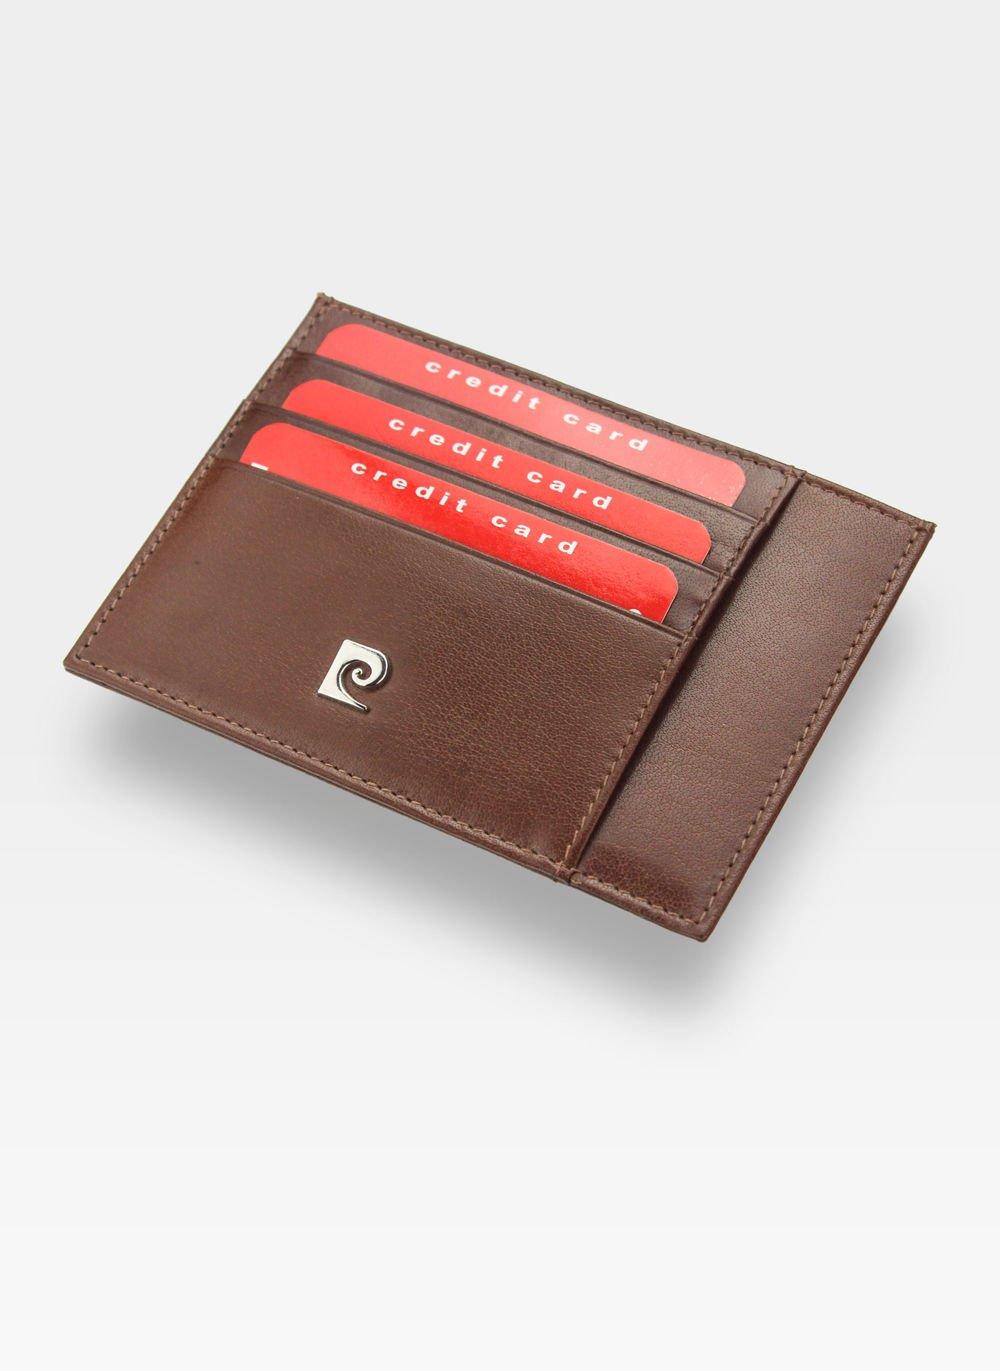 dd798724100cd Portfel Skórzany Cardholder Męski Pierre Cardin Slim Brąz Etui P020  Kliknij, aby powiększyć ...